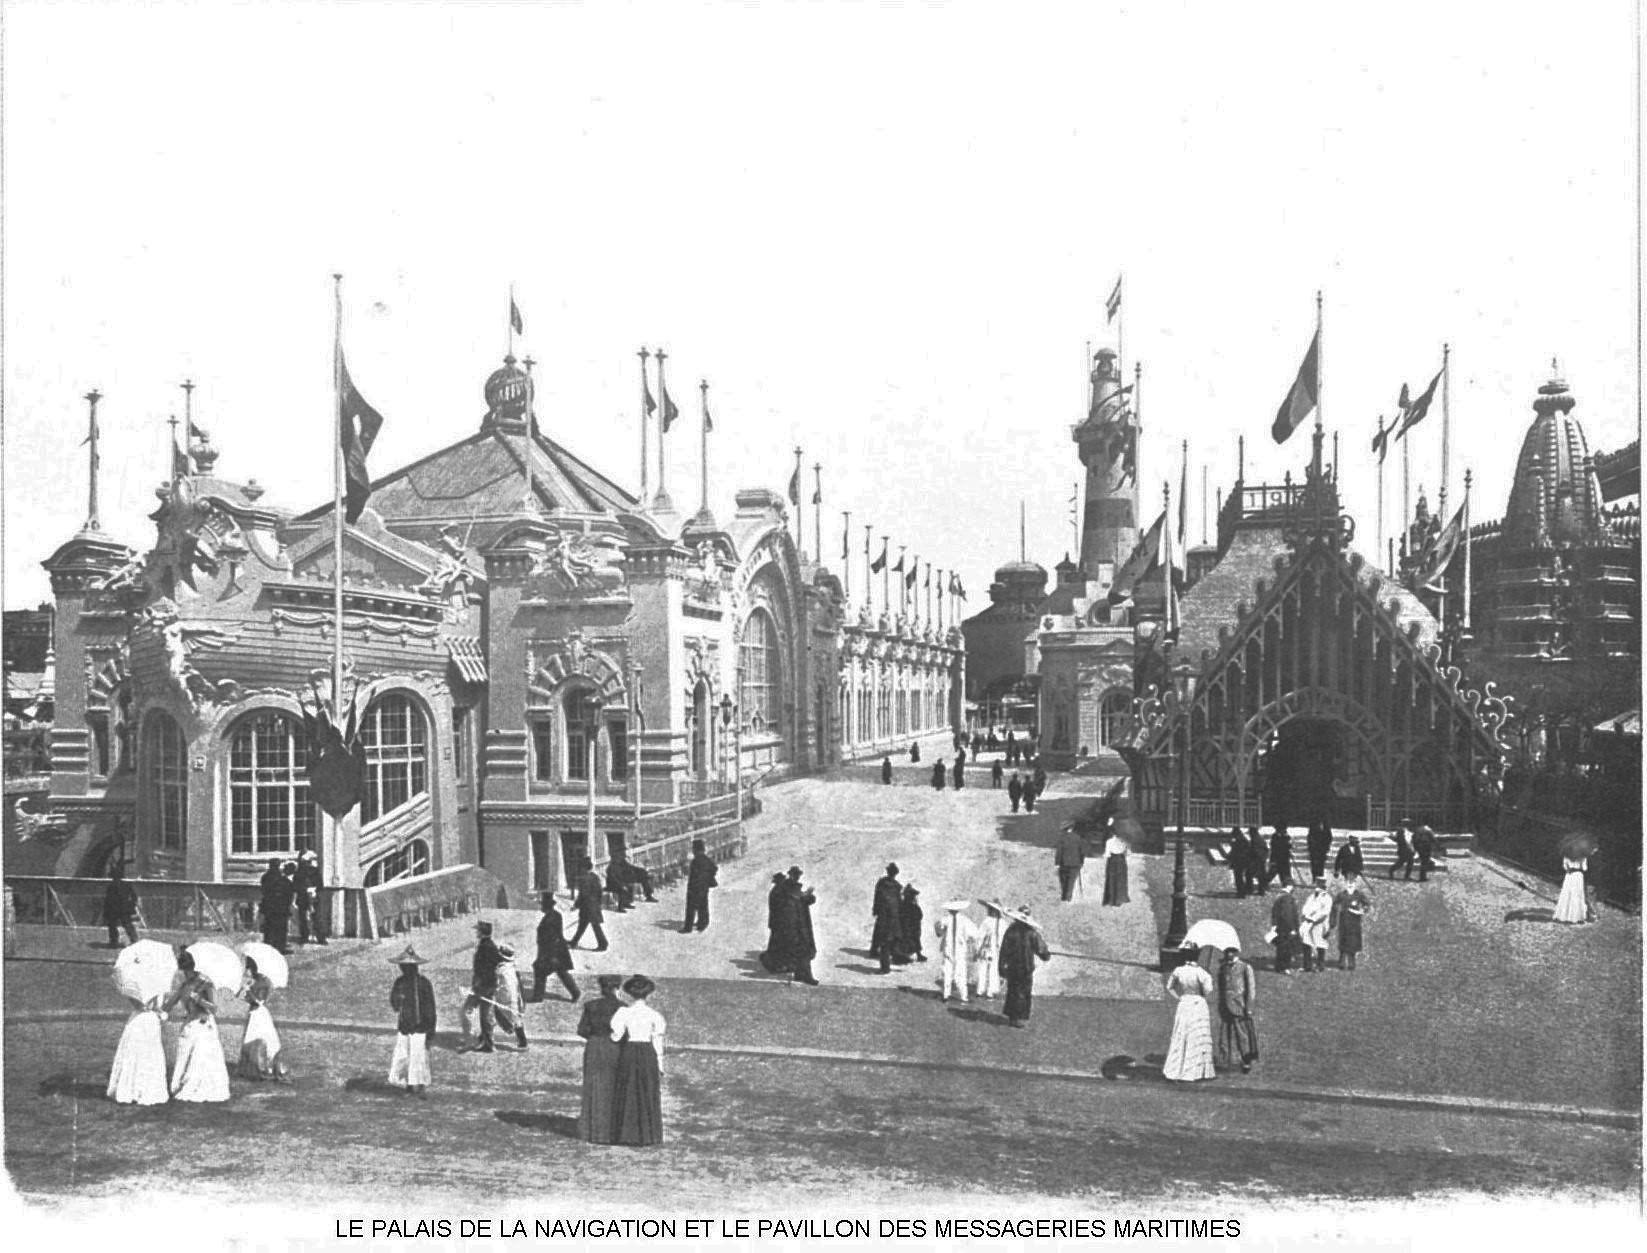 Le palais de la navigation et le pavillon des messageries maritimes